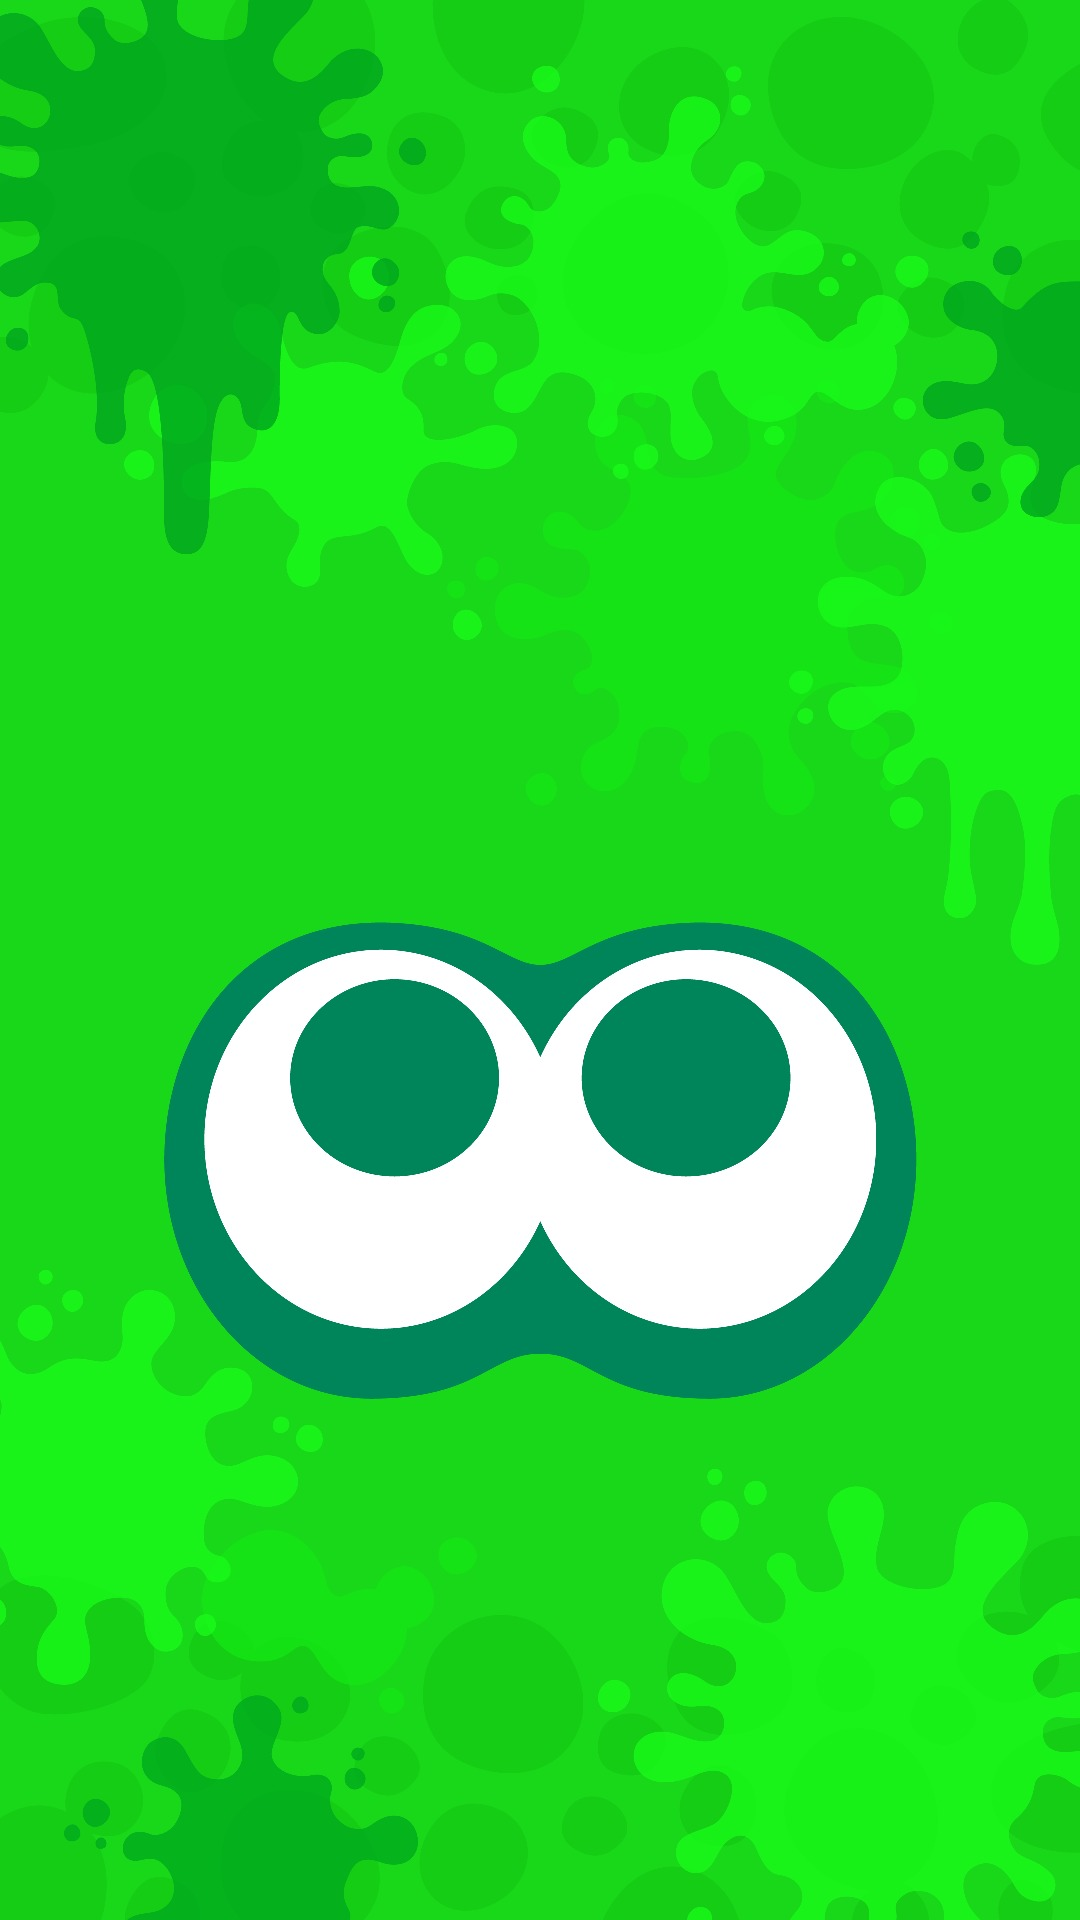 おかしい目とグリーンブロットiphone 8 Plus壁紙 Iphoneチーズ